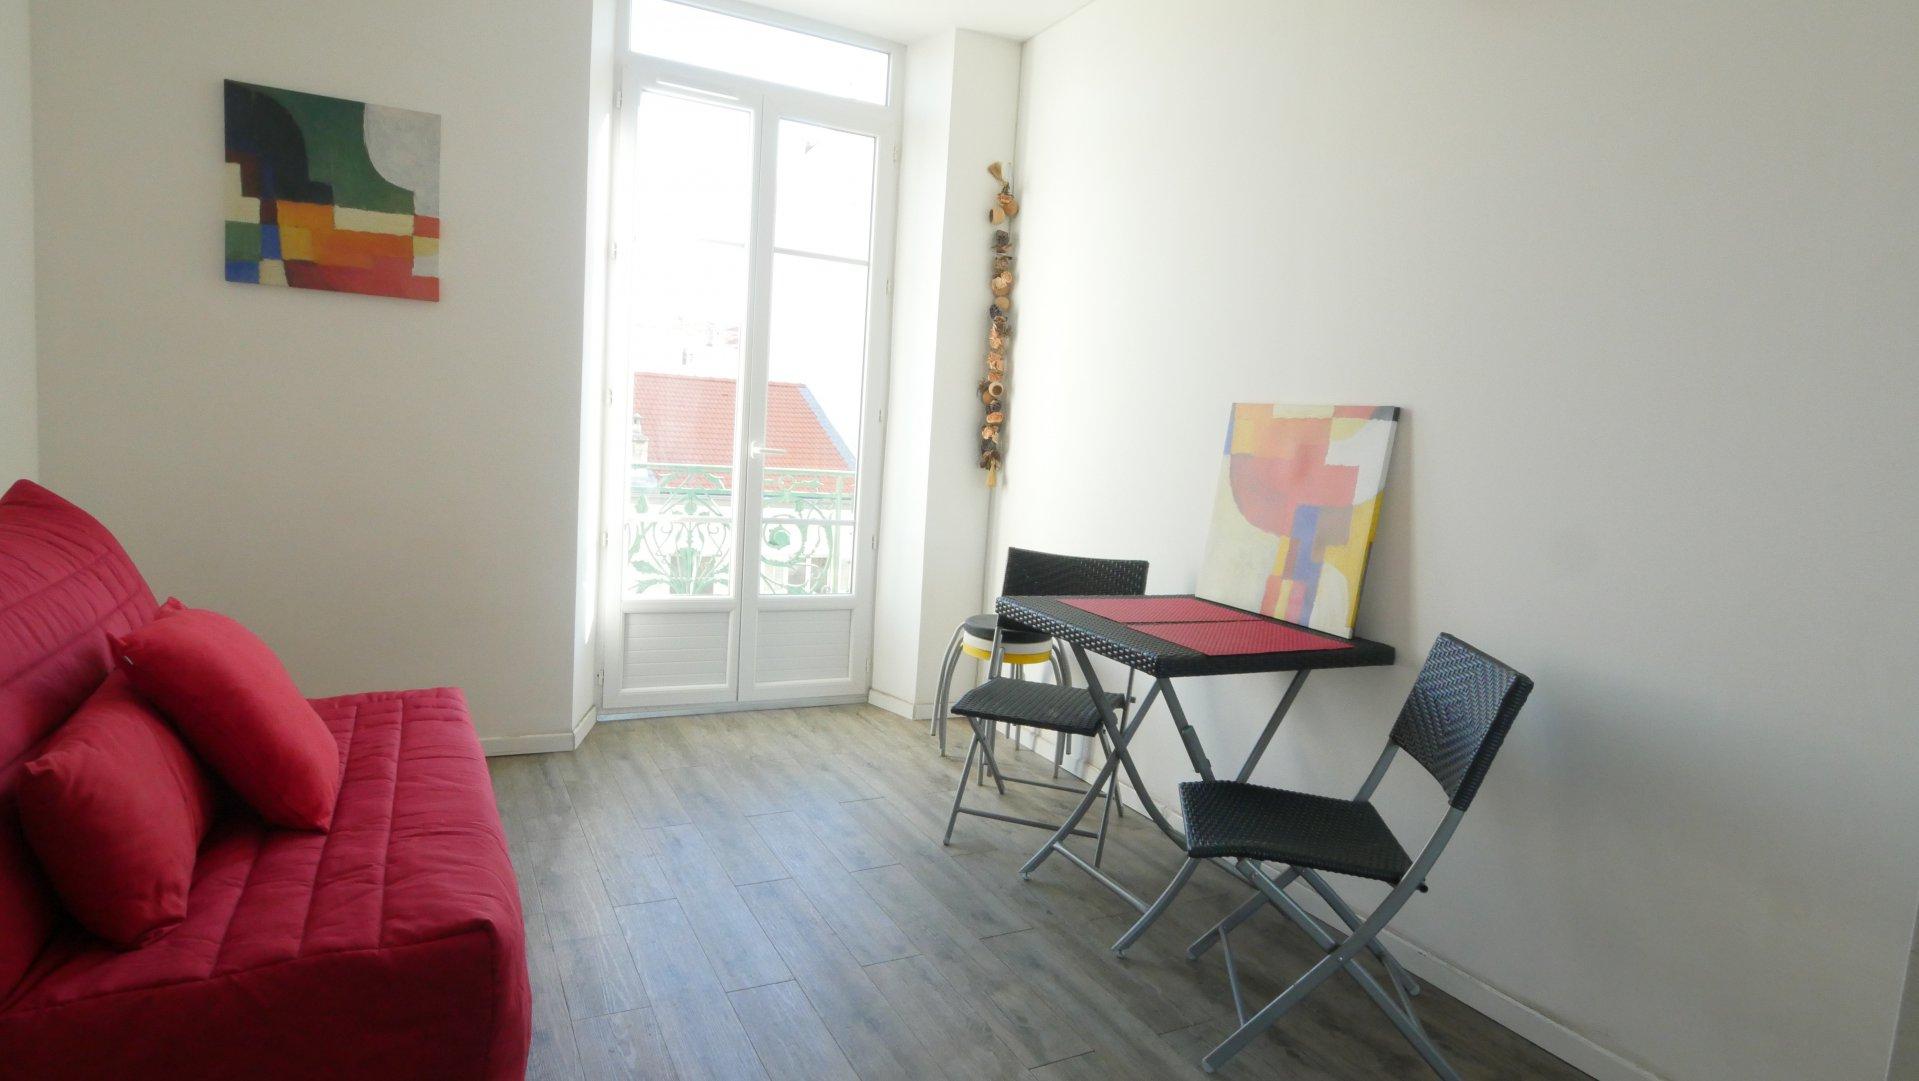 CARRE D'OR, studio meuble avec balcon